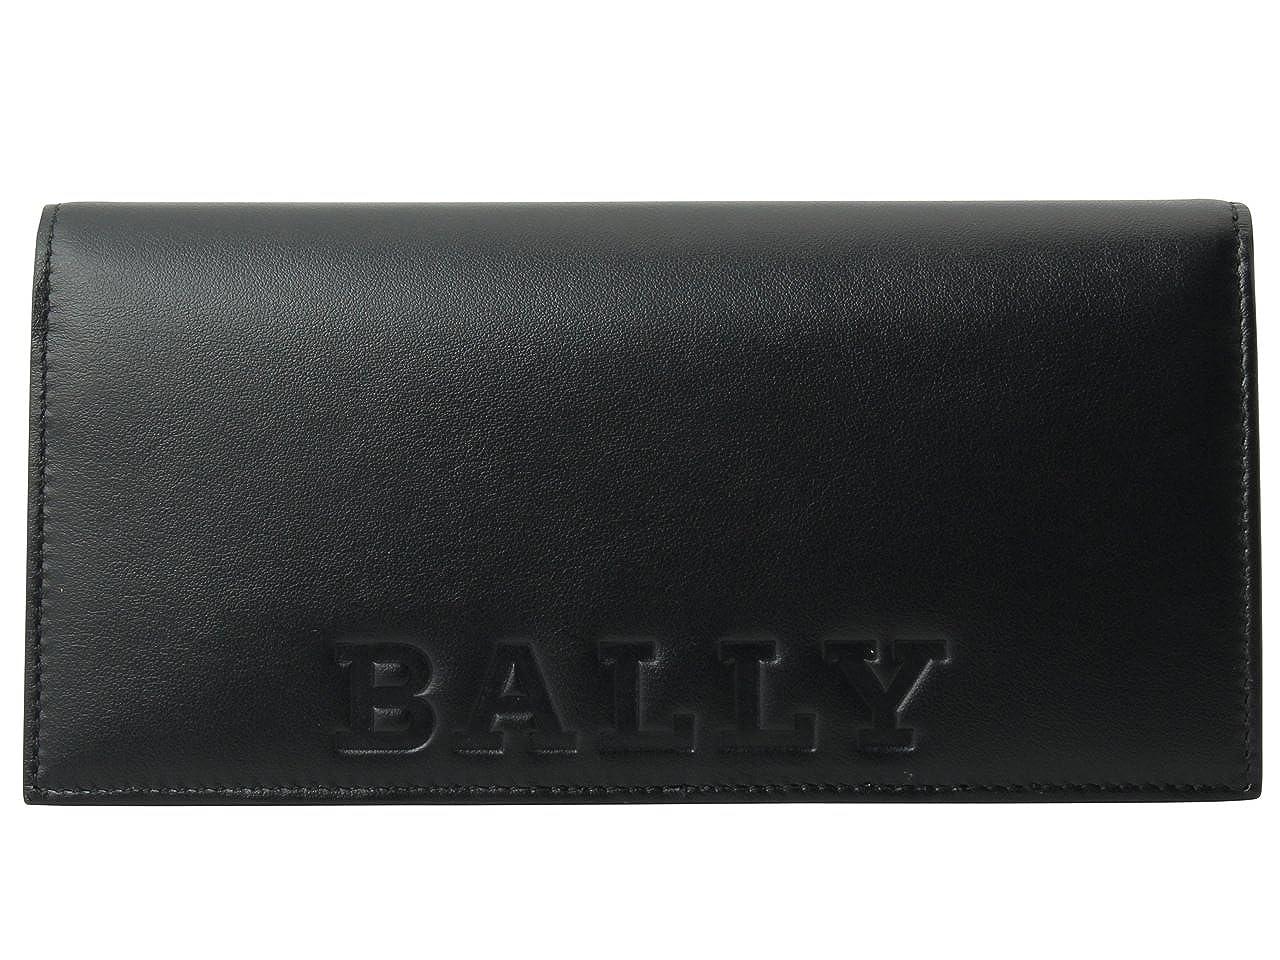 (バリー) BALLY 長財布 二つ折り メンズ balirobold [並行輸入品] B07D1GF99J